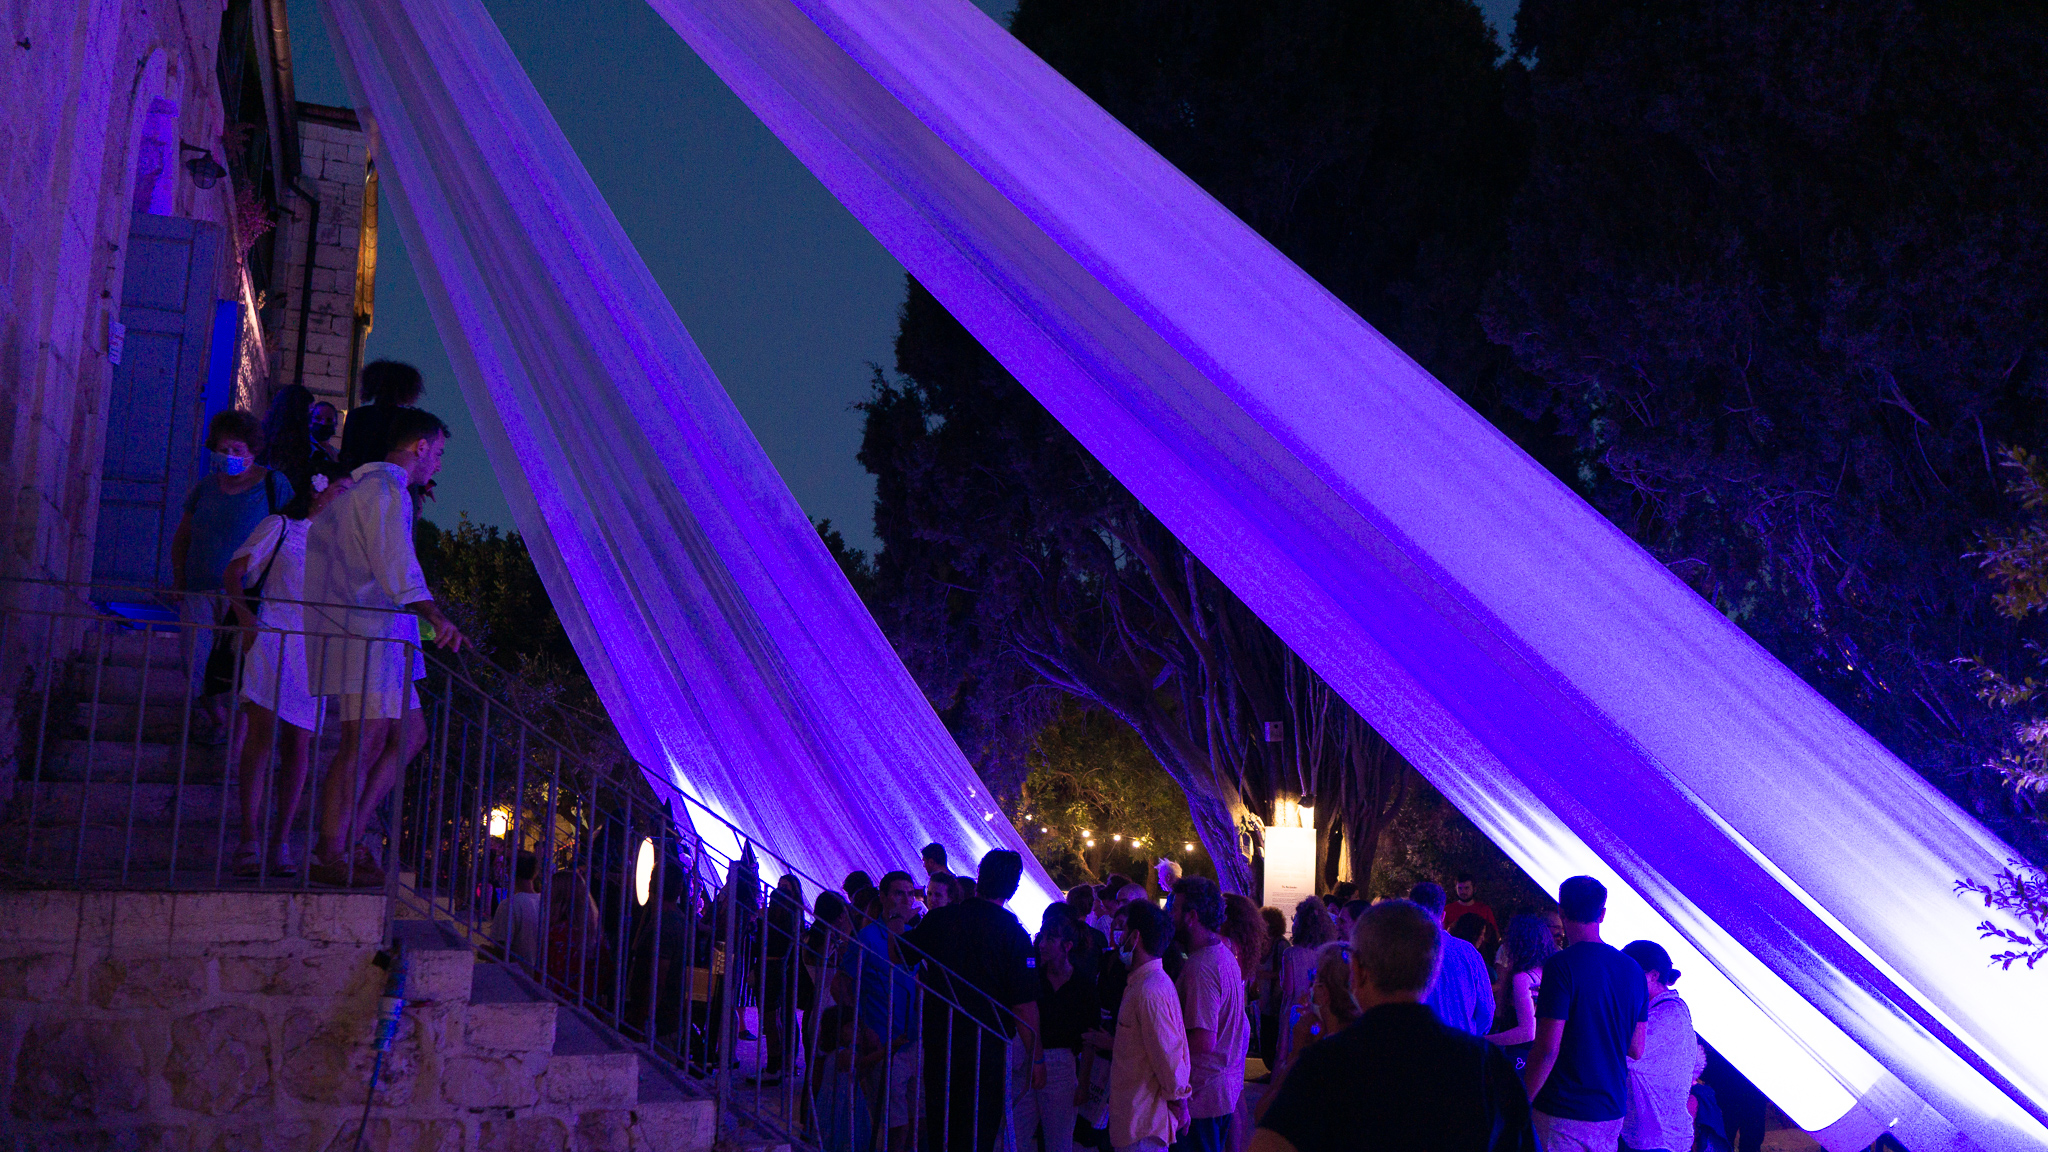 קרקס הבריחה - שבוע העיצוב ירושלים. צילום: טל סולומון ורדי